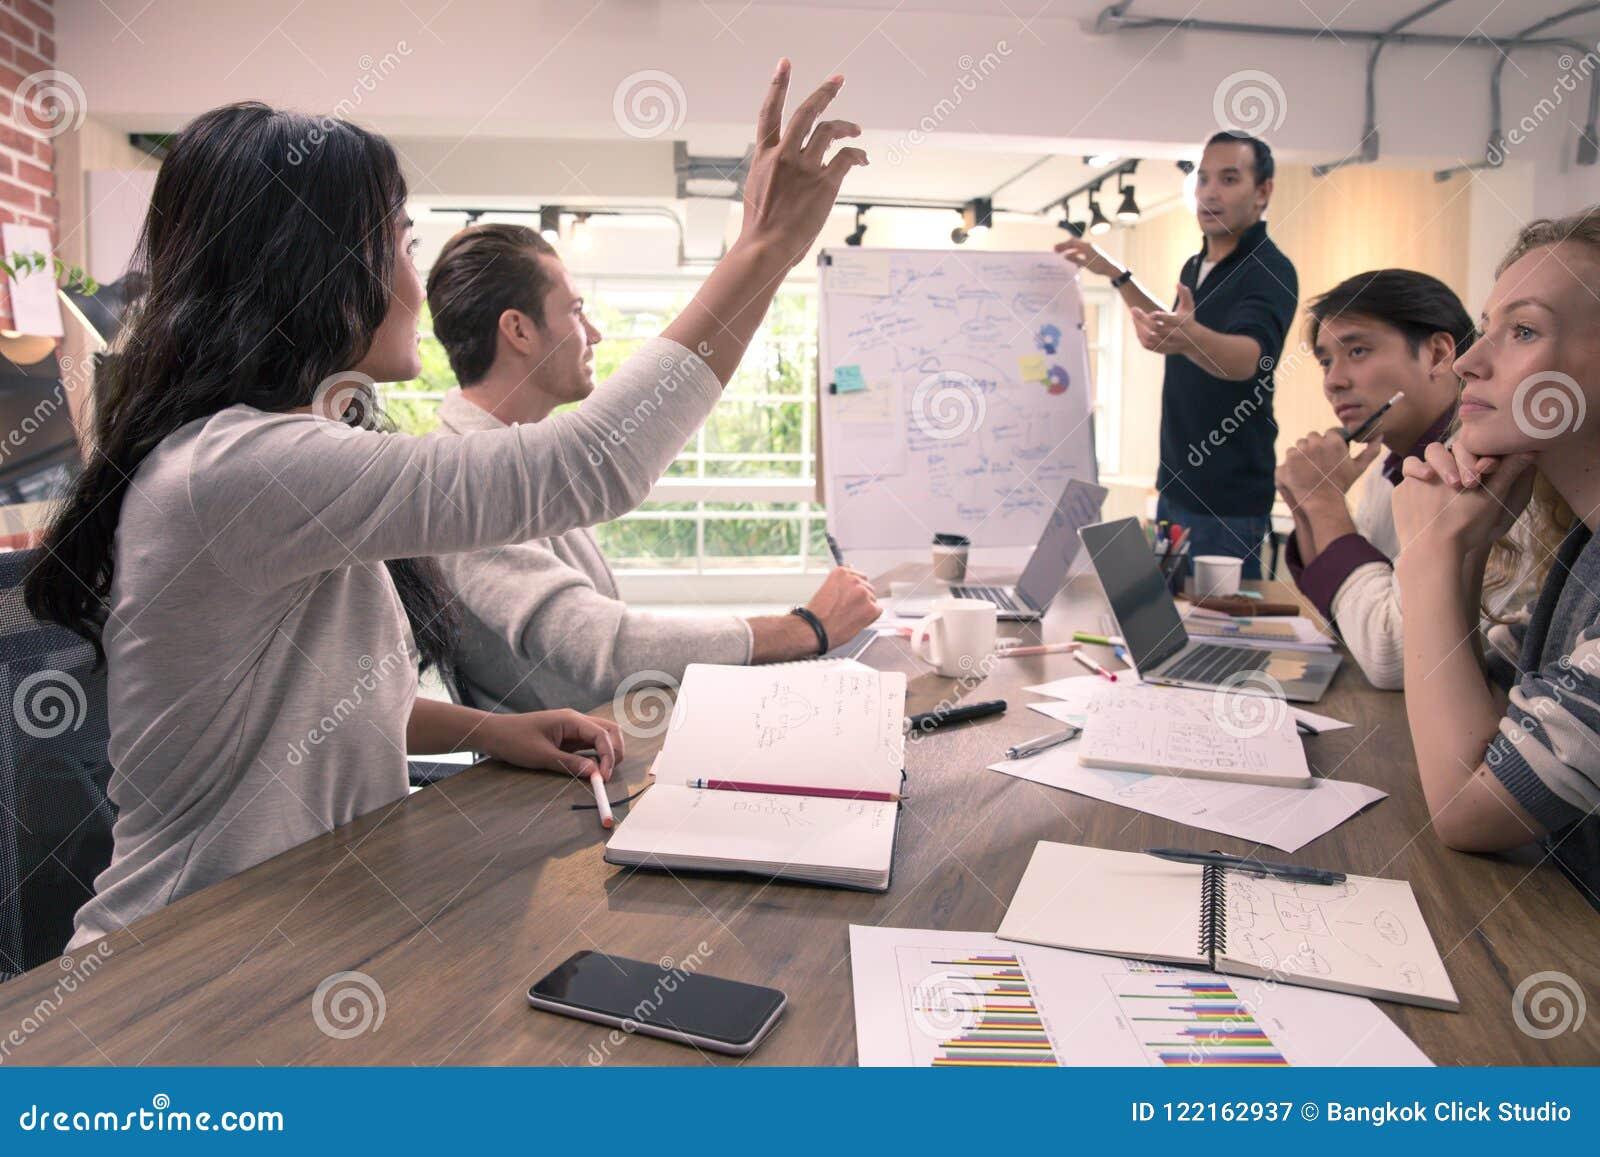 Η επιχειρησιακή γυναίκα αυξάνει το χέρι για υποβάλλει την ερώτηση στον επιχειρηματία που στέκεται και εξηγεί το διάγραμμα μπροστά